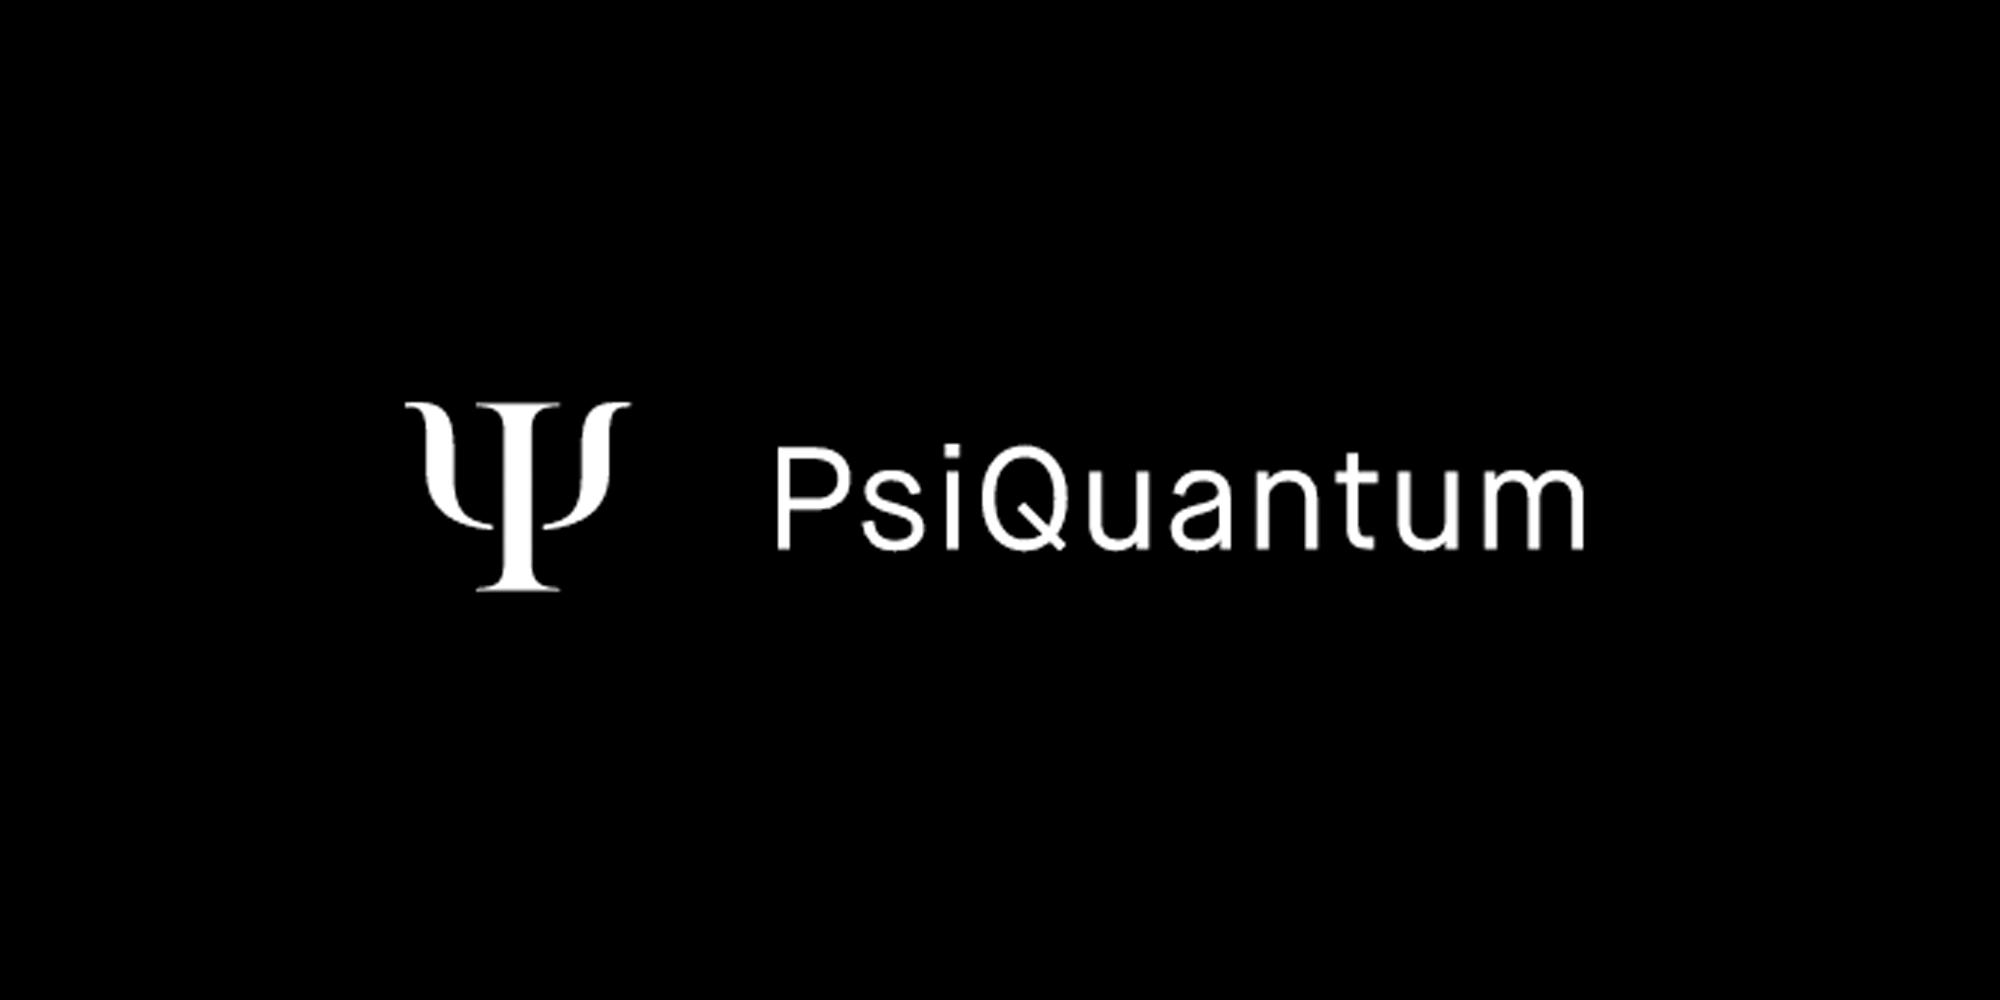 Psi Quantum